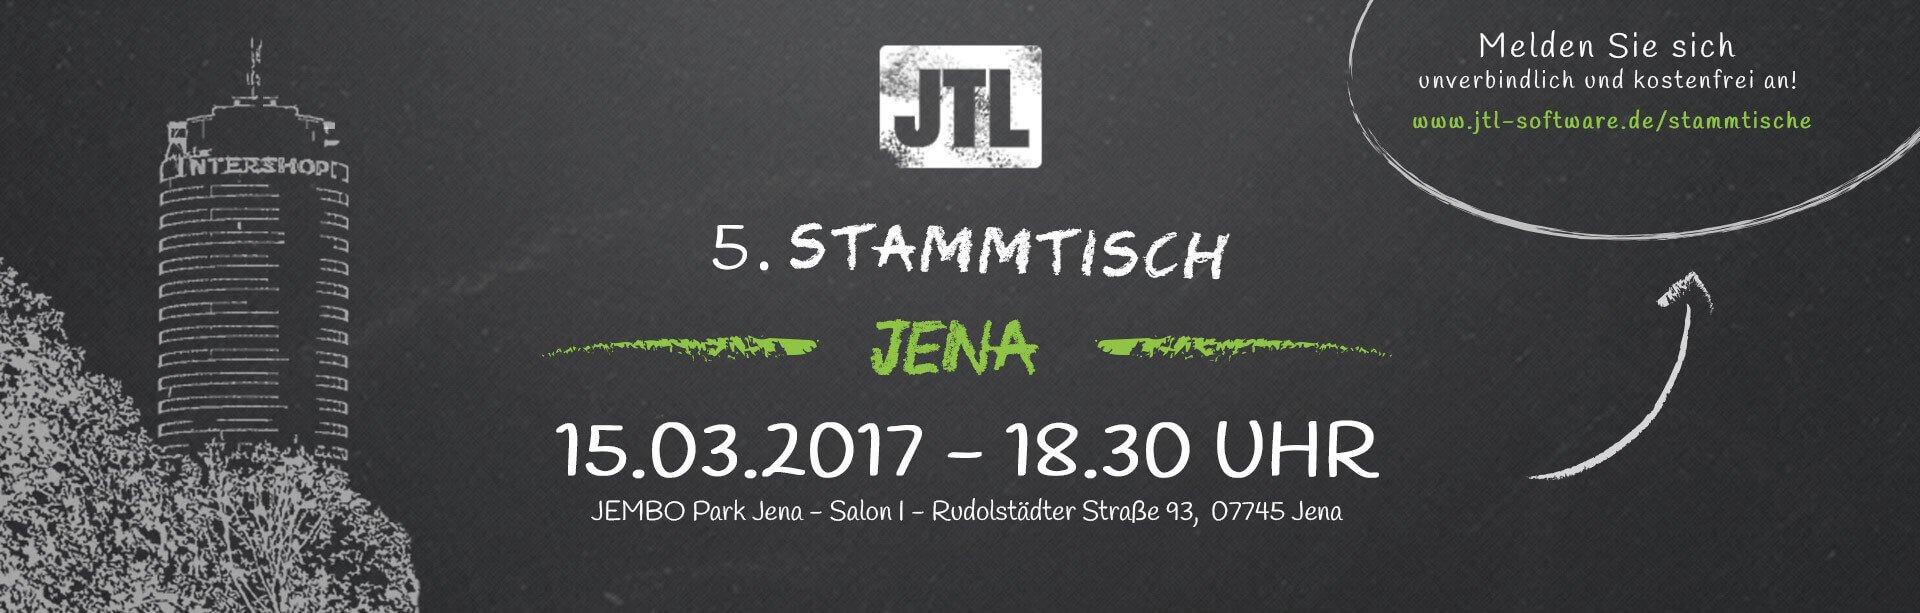 5. JTL-Stammtisch